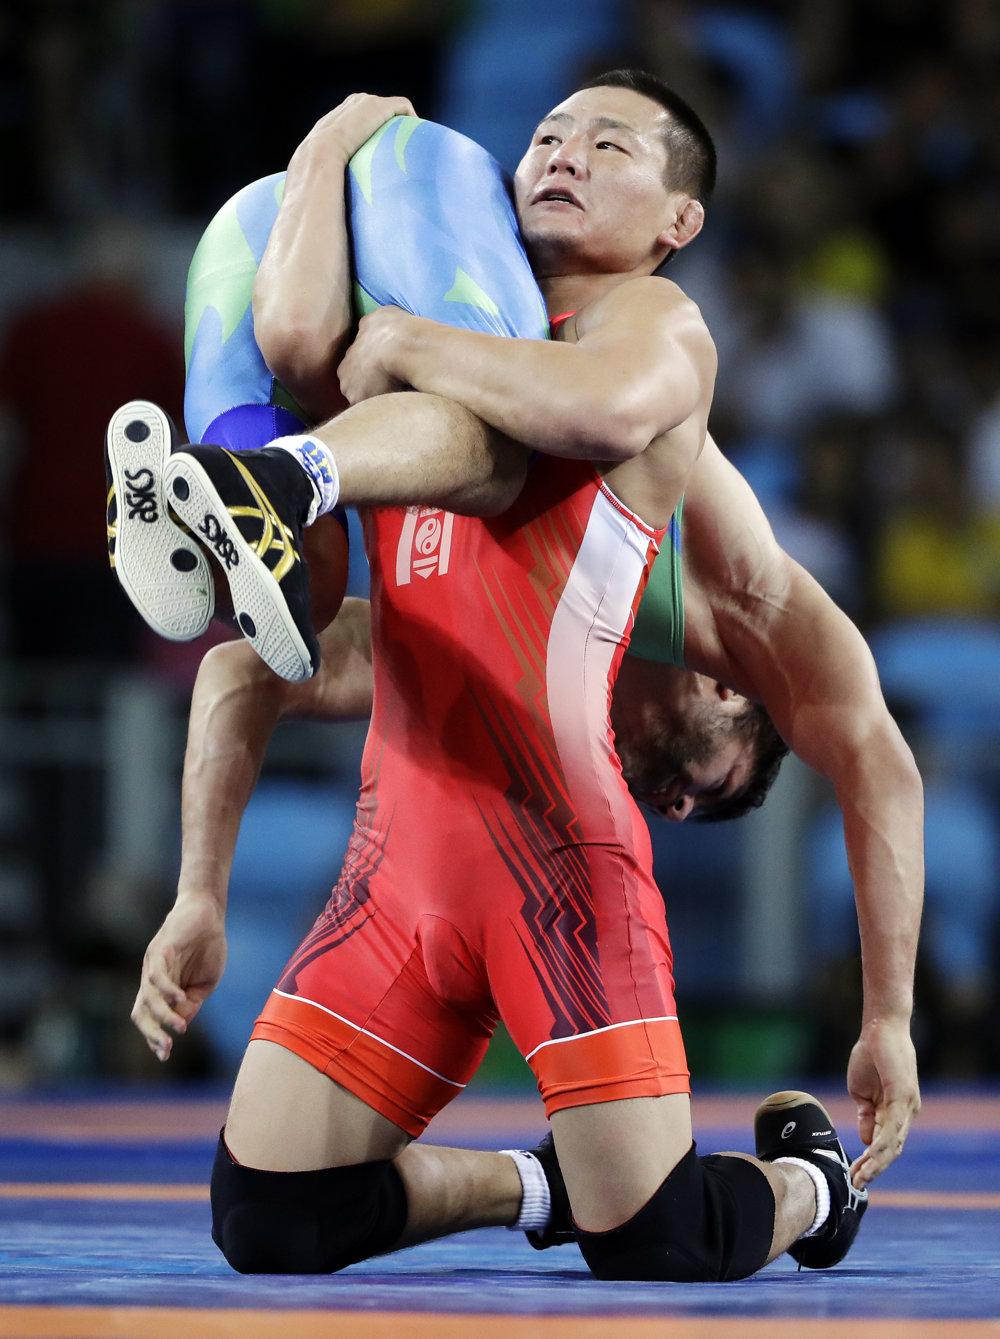 Zápasenie, voľný štýl mužov do 65 kg, súboj o bronz. Mandachnaran Ganzorig z Mongolska (vpravo) verzus Uzbek Ichtijor Navruzov.